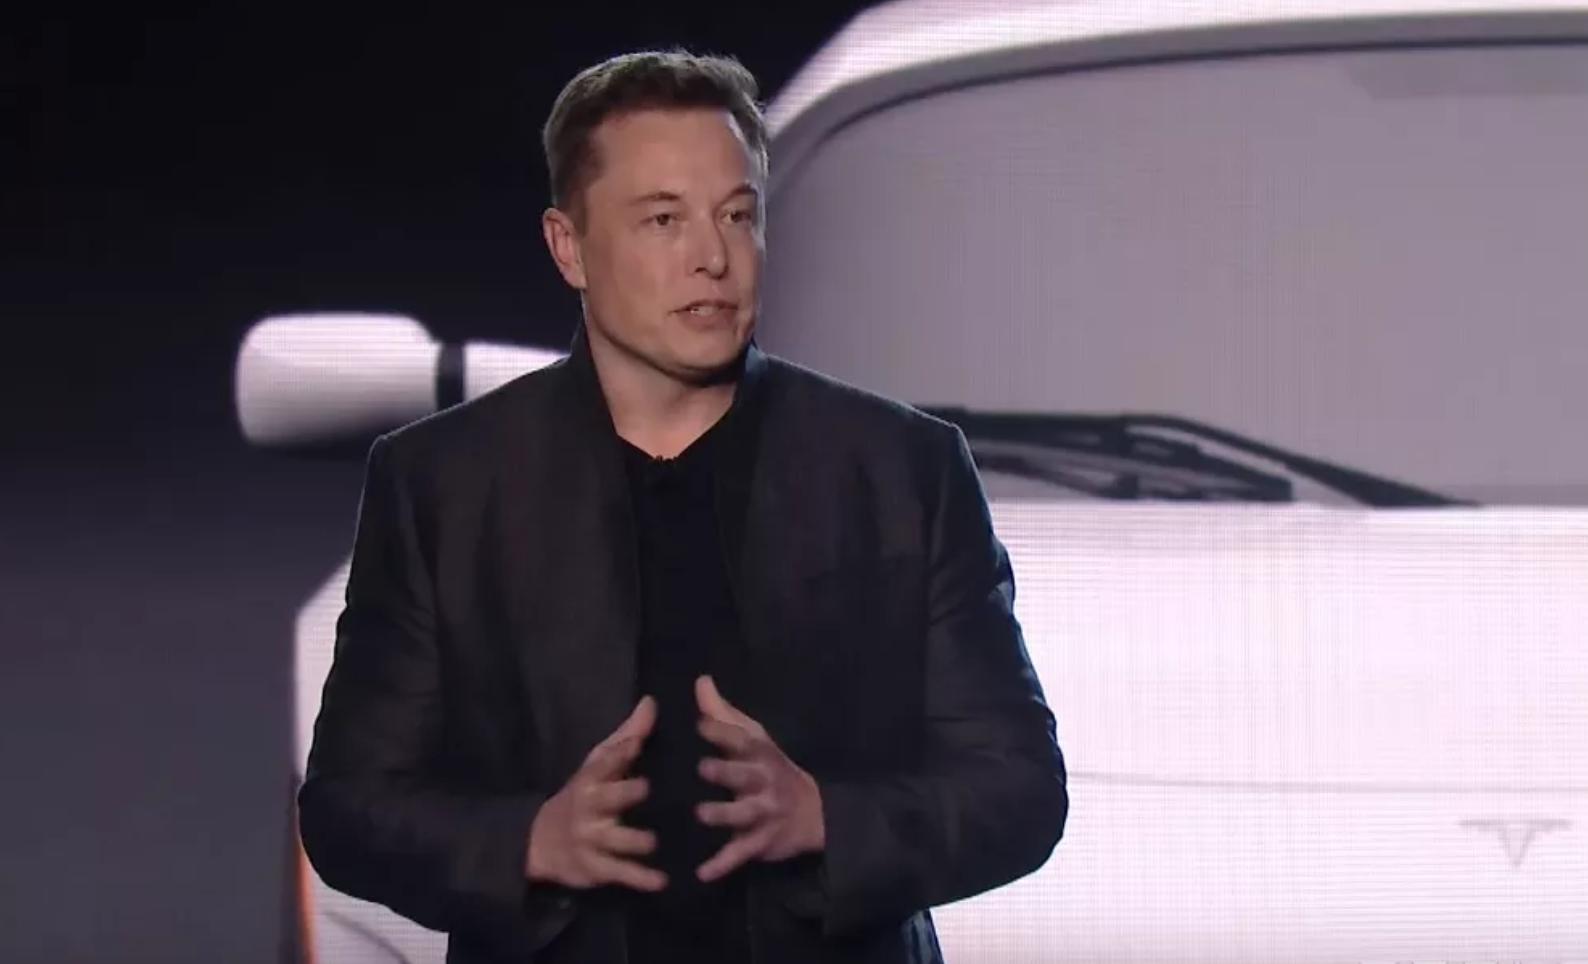 Dette skjedde med Tesla-aksjen etter Musks unnskyldning